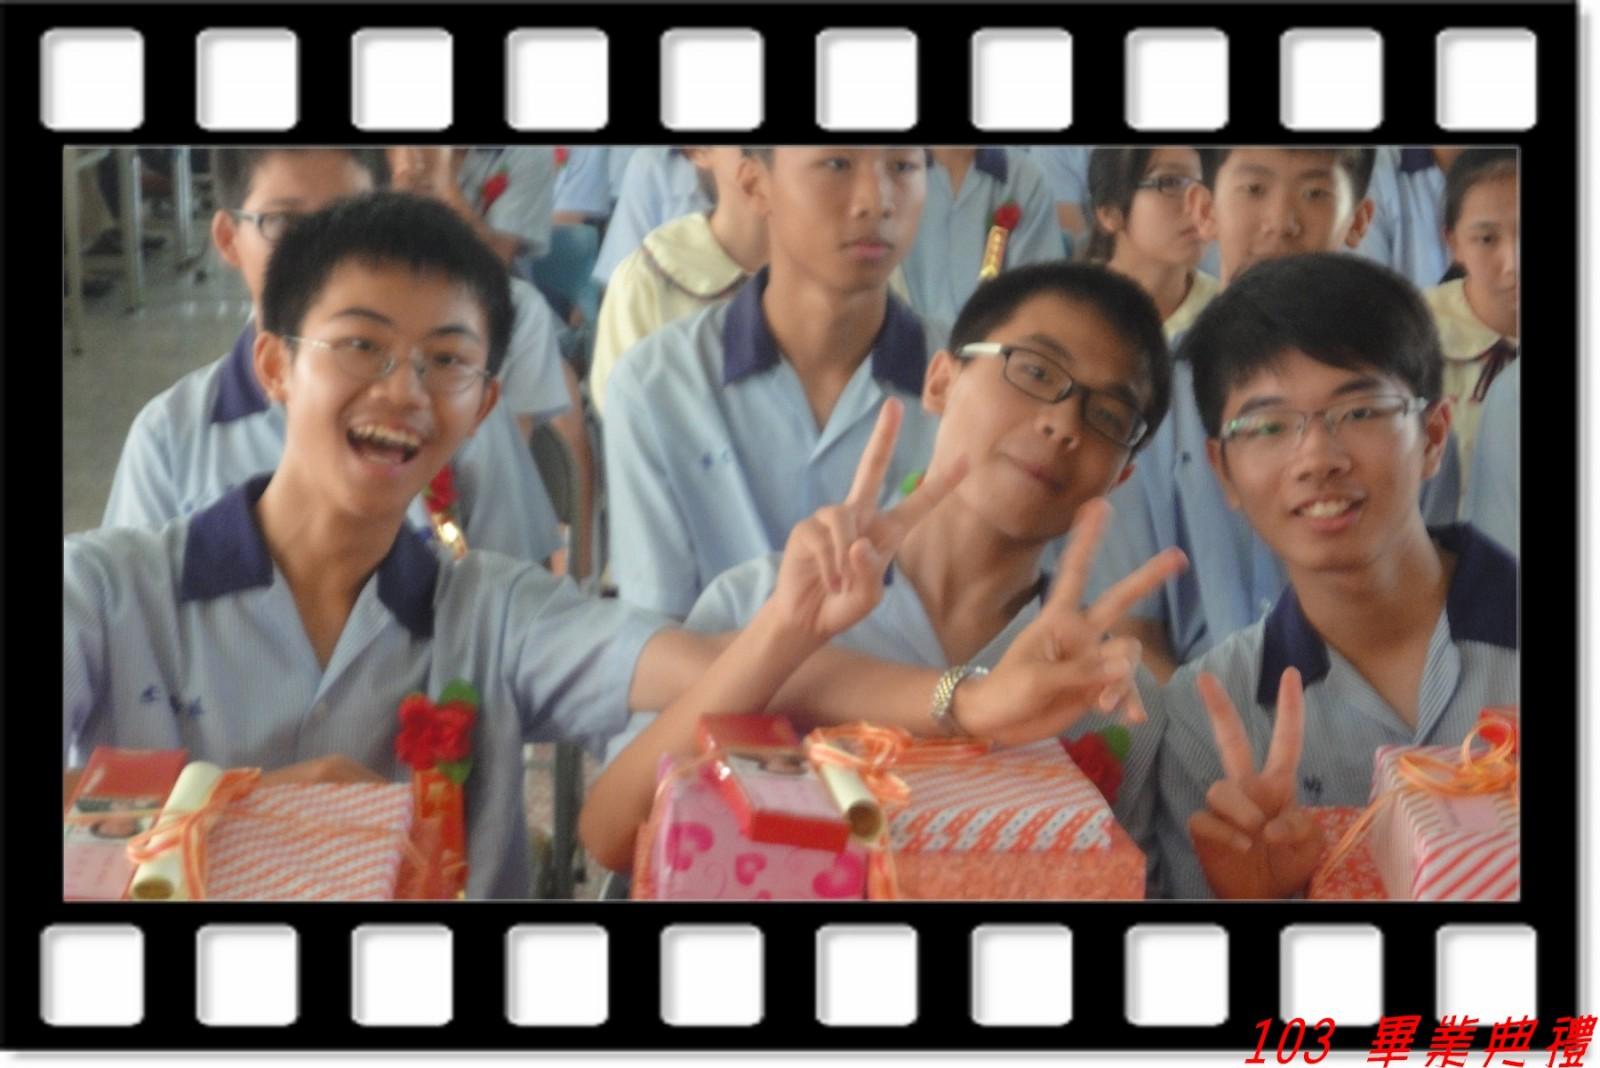 jimchang